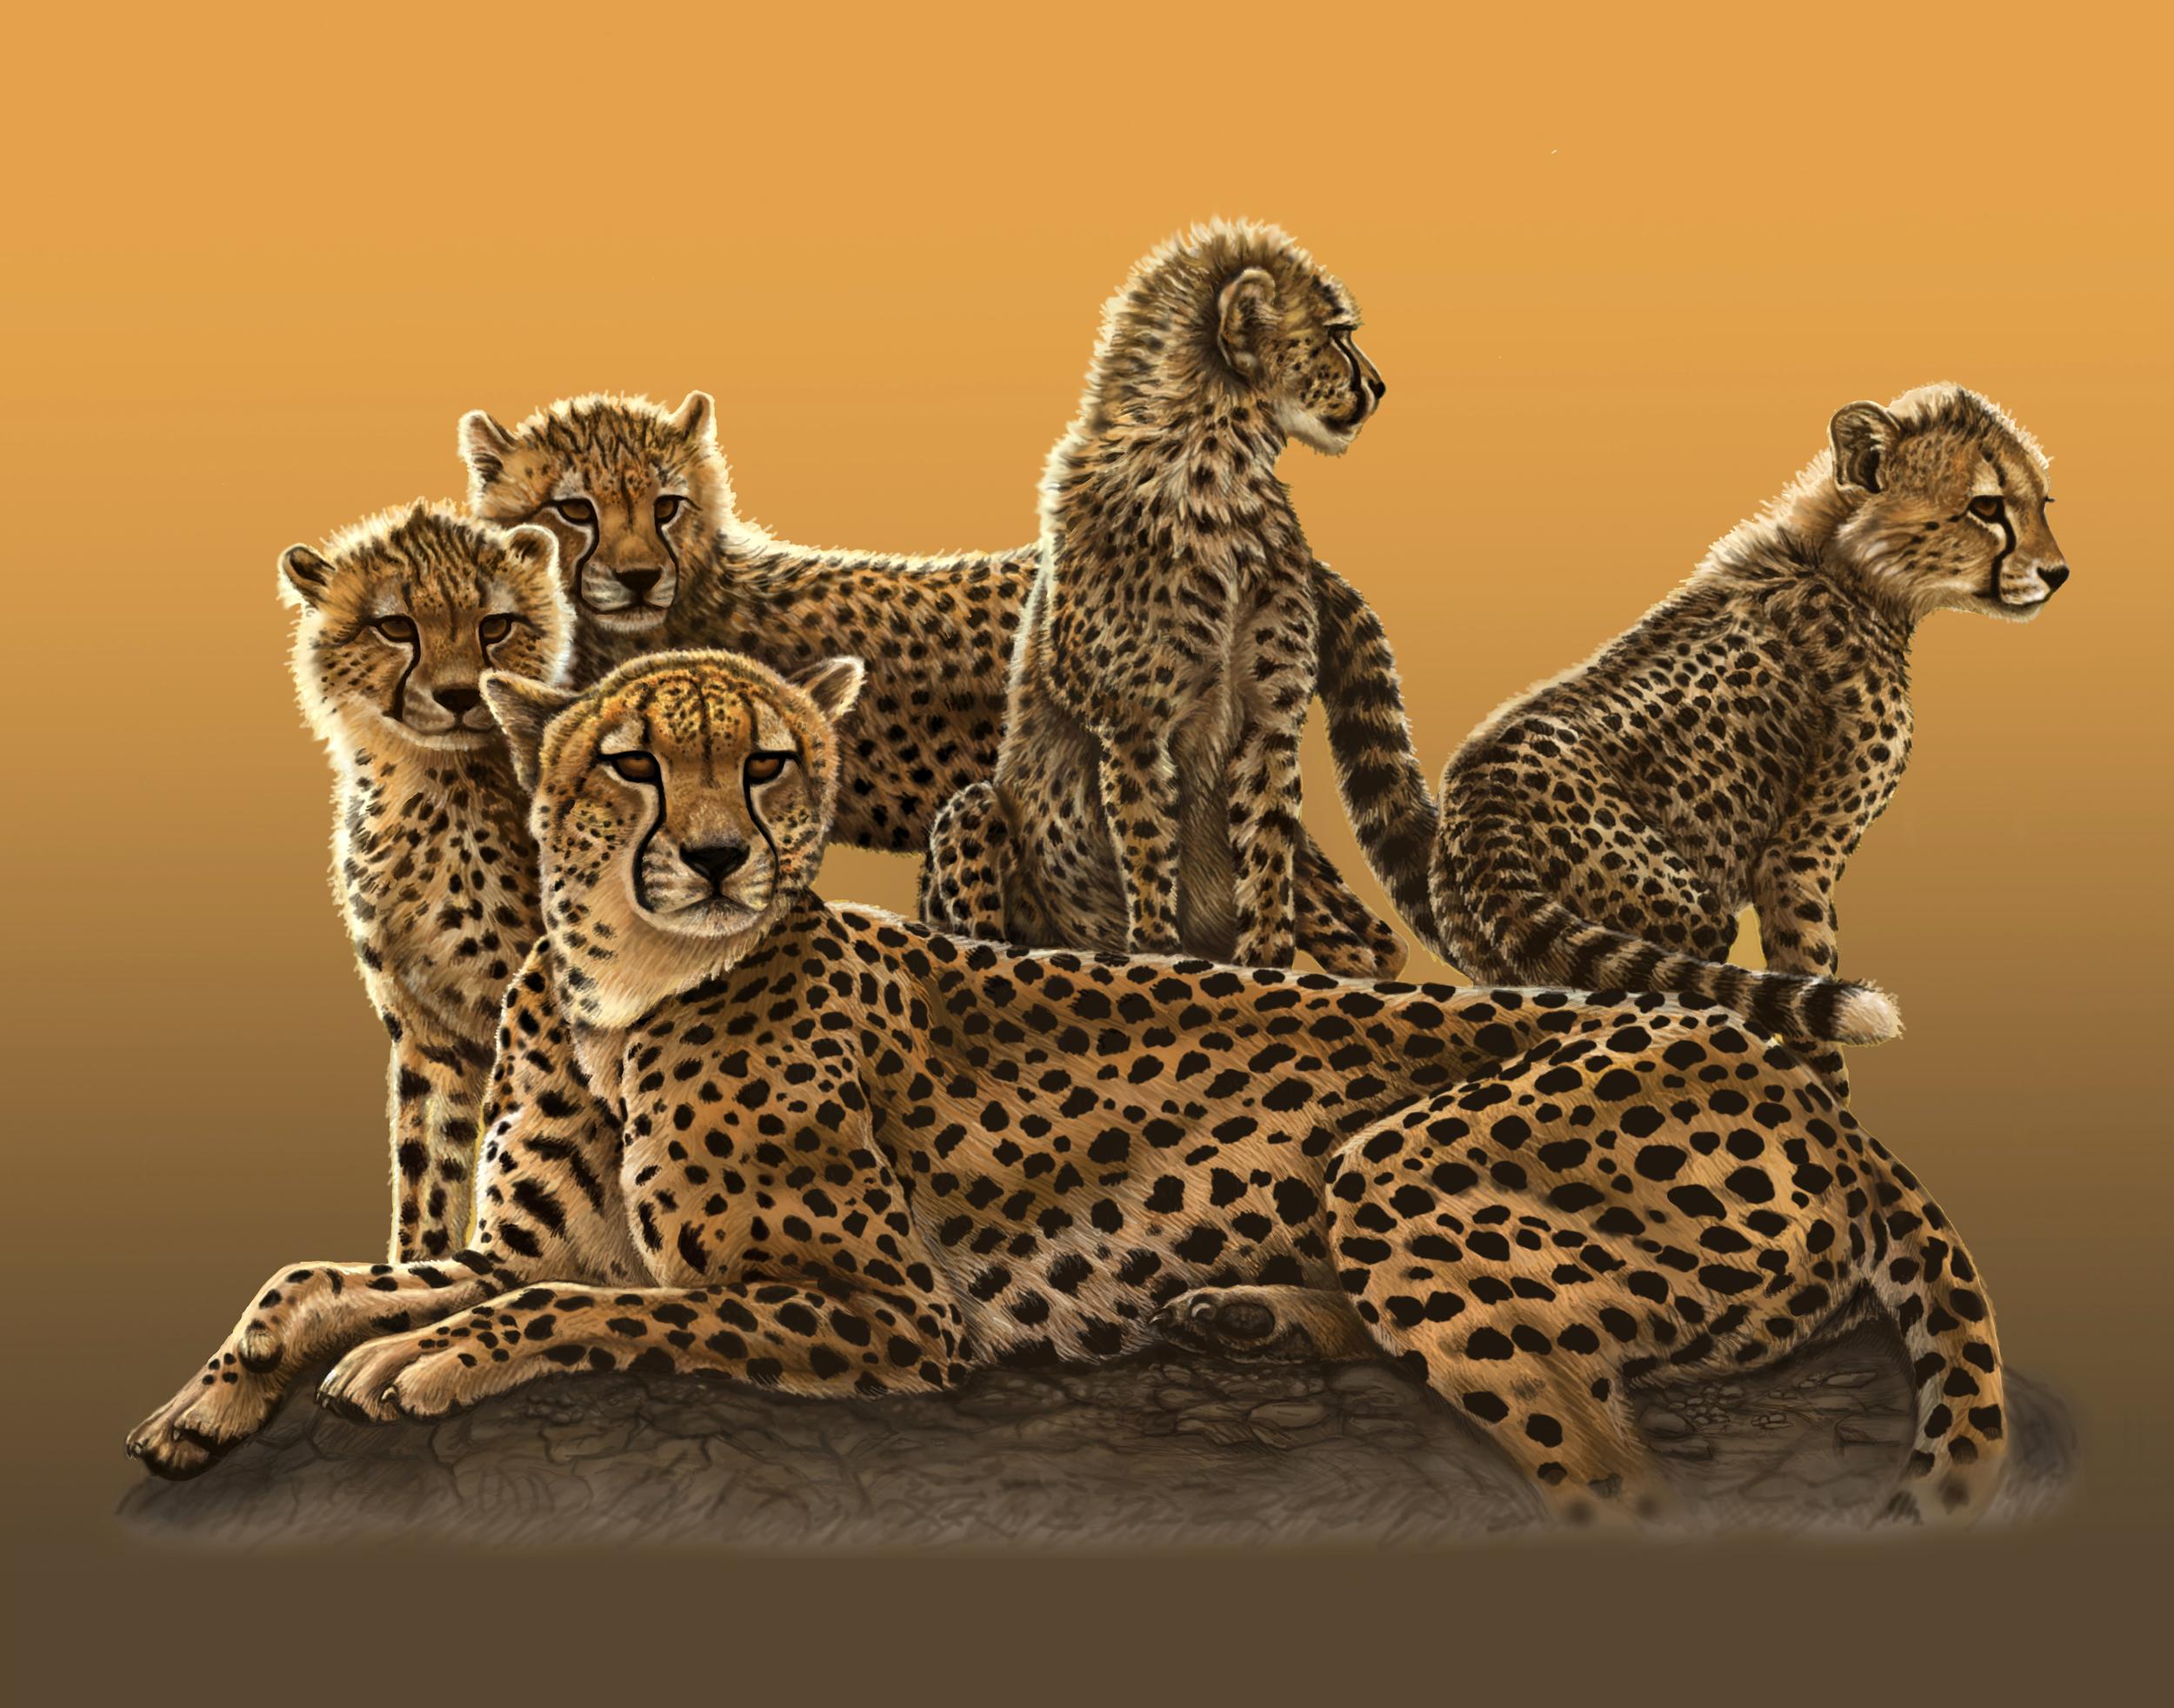 cheetah 11x14.jpg